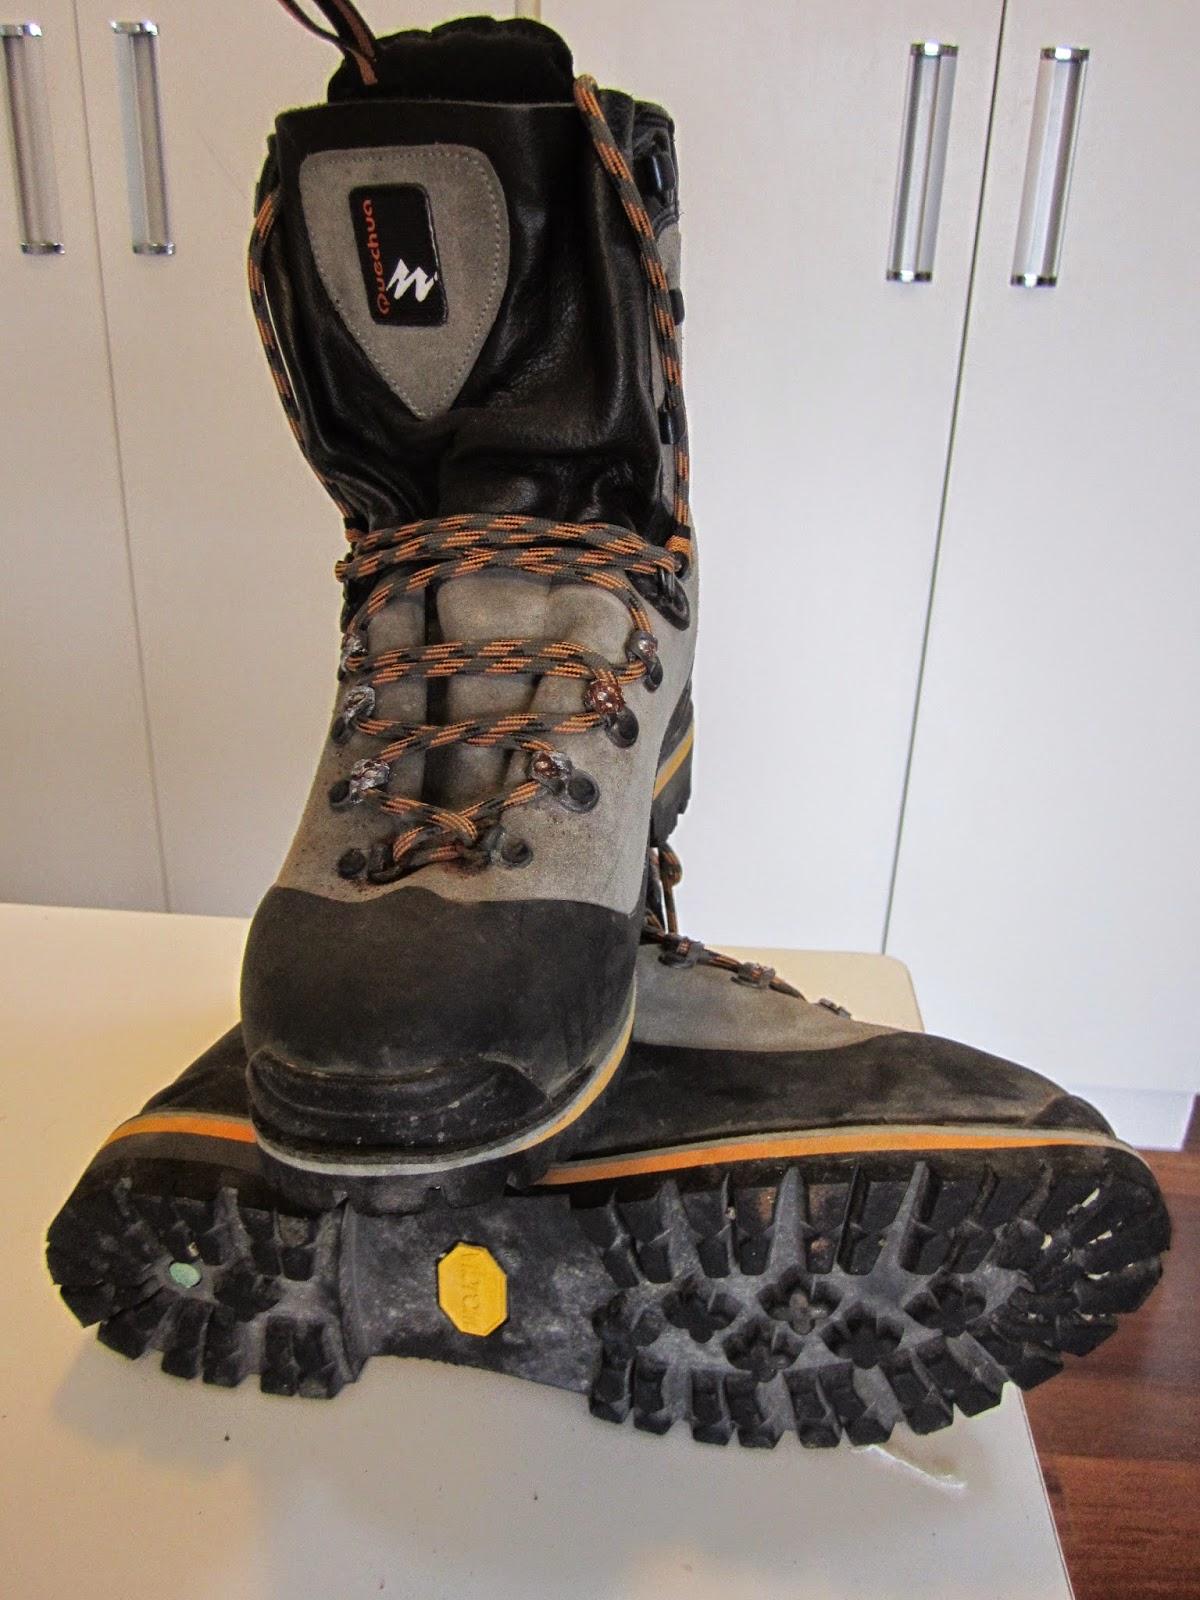 0215ecc35 Esta bota é um modelo de Alta Escalada, especificamente para conquistas  acima da fixa dos 6.000 MTS, que eu comprei em 2006 para realizar a  escalada do mais ...